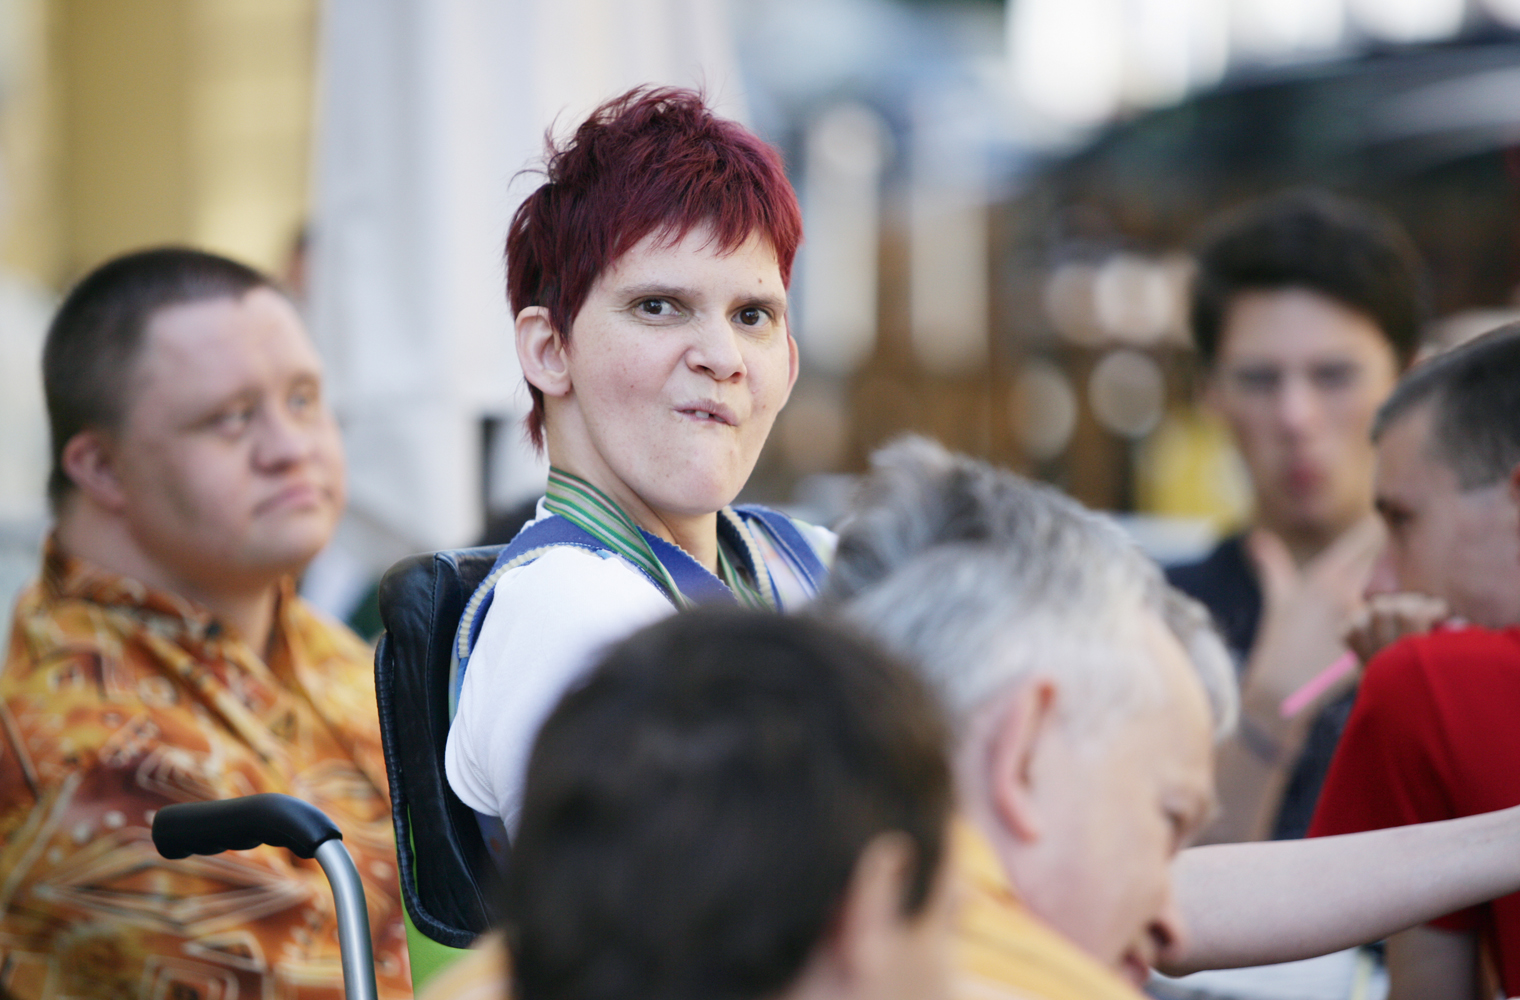 Eine junge Frau mit Behinderung schaut erstaunt in die Runde.